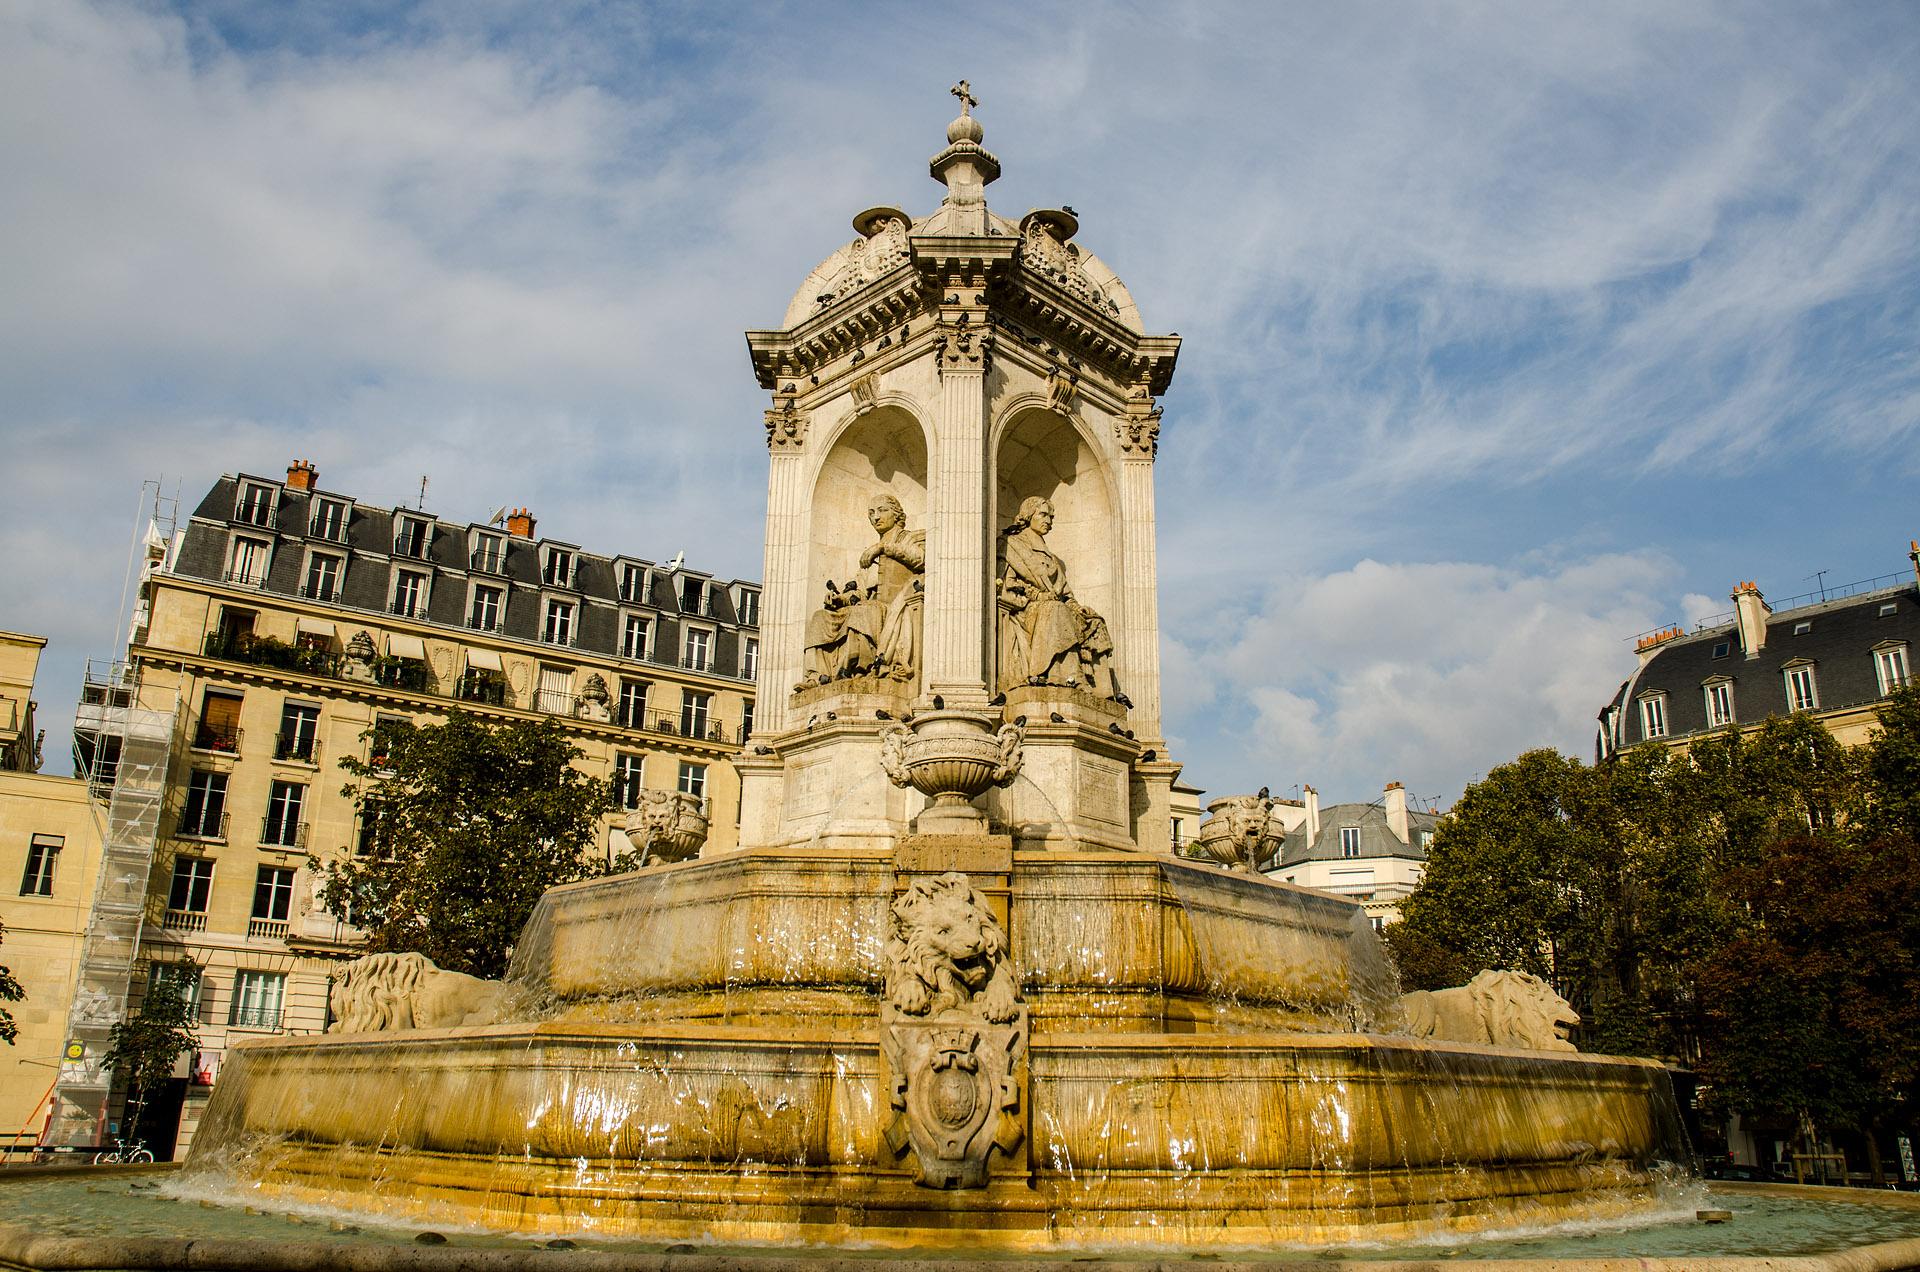 Saint-Sulpice Fountain